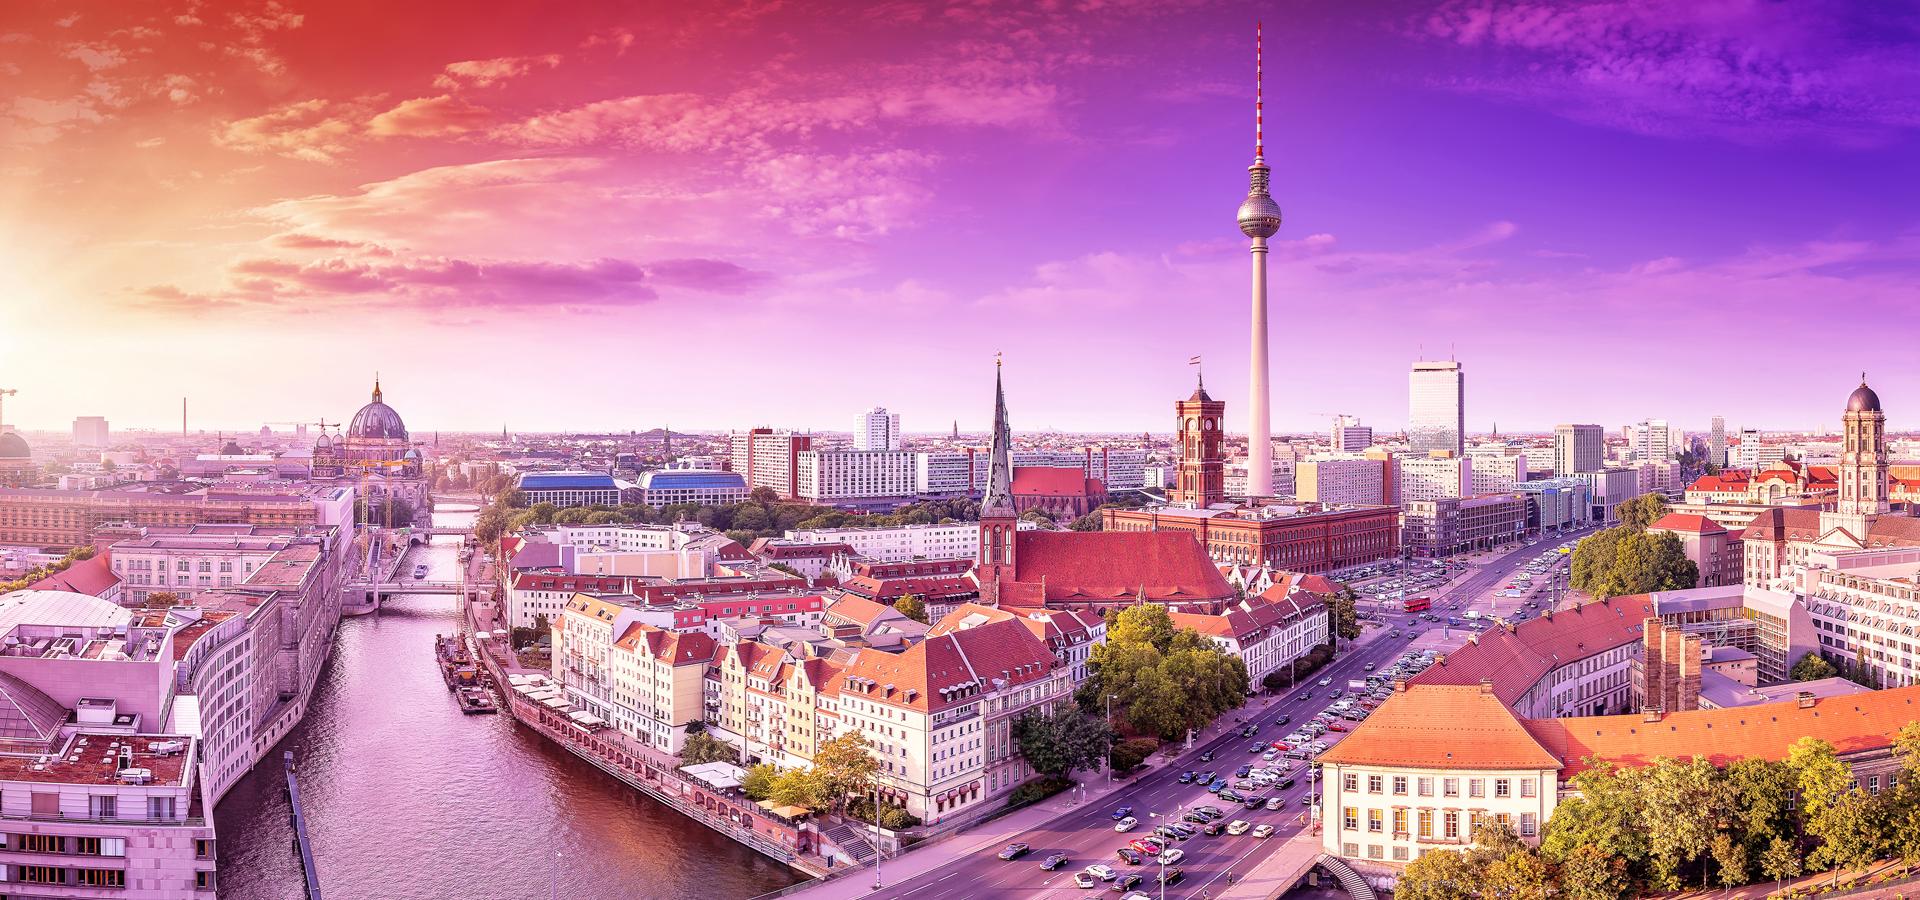 Peer-to-peer advisory in Berlin, Land Berlin, Germany